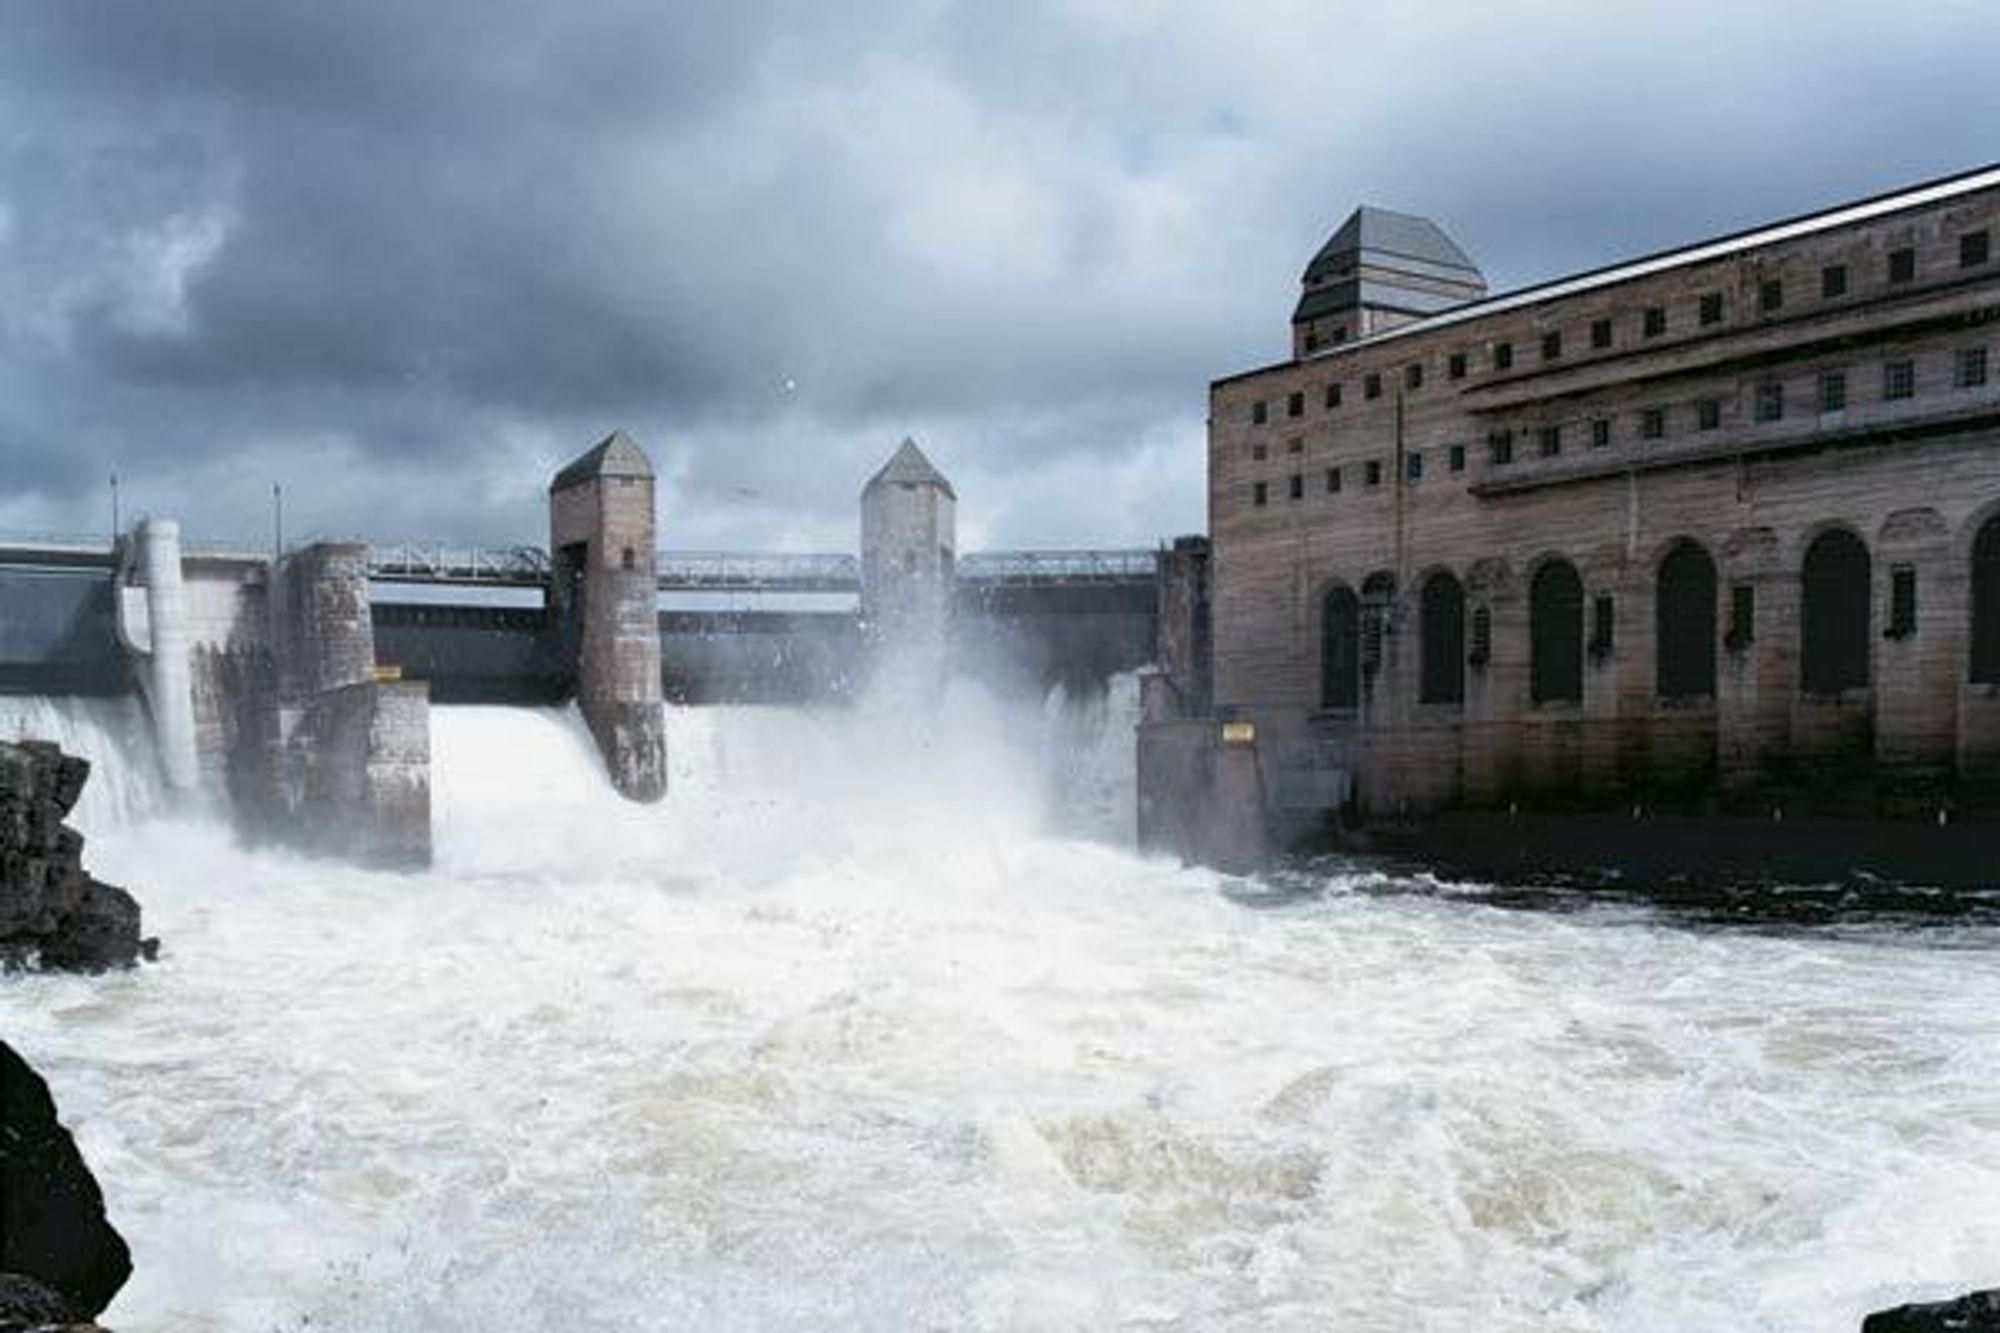 Solbergfoss kraftverk. Ikke mange kvinner søker seg hit eller til andre kraftverk.